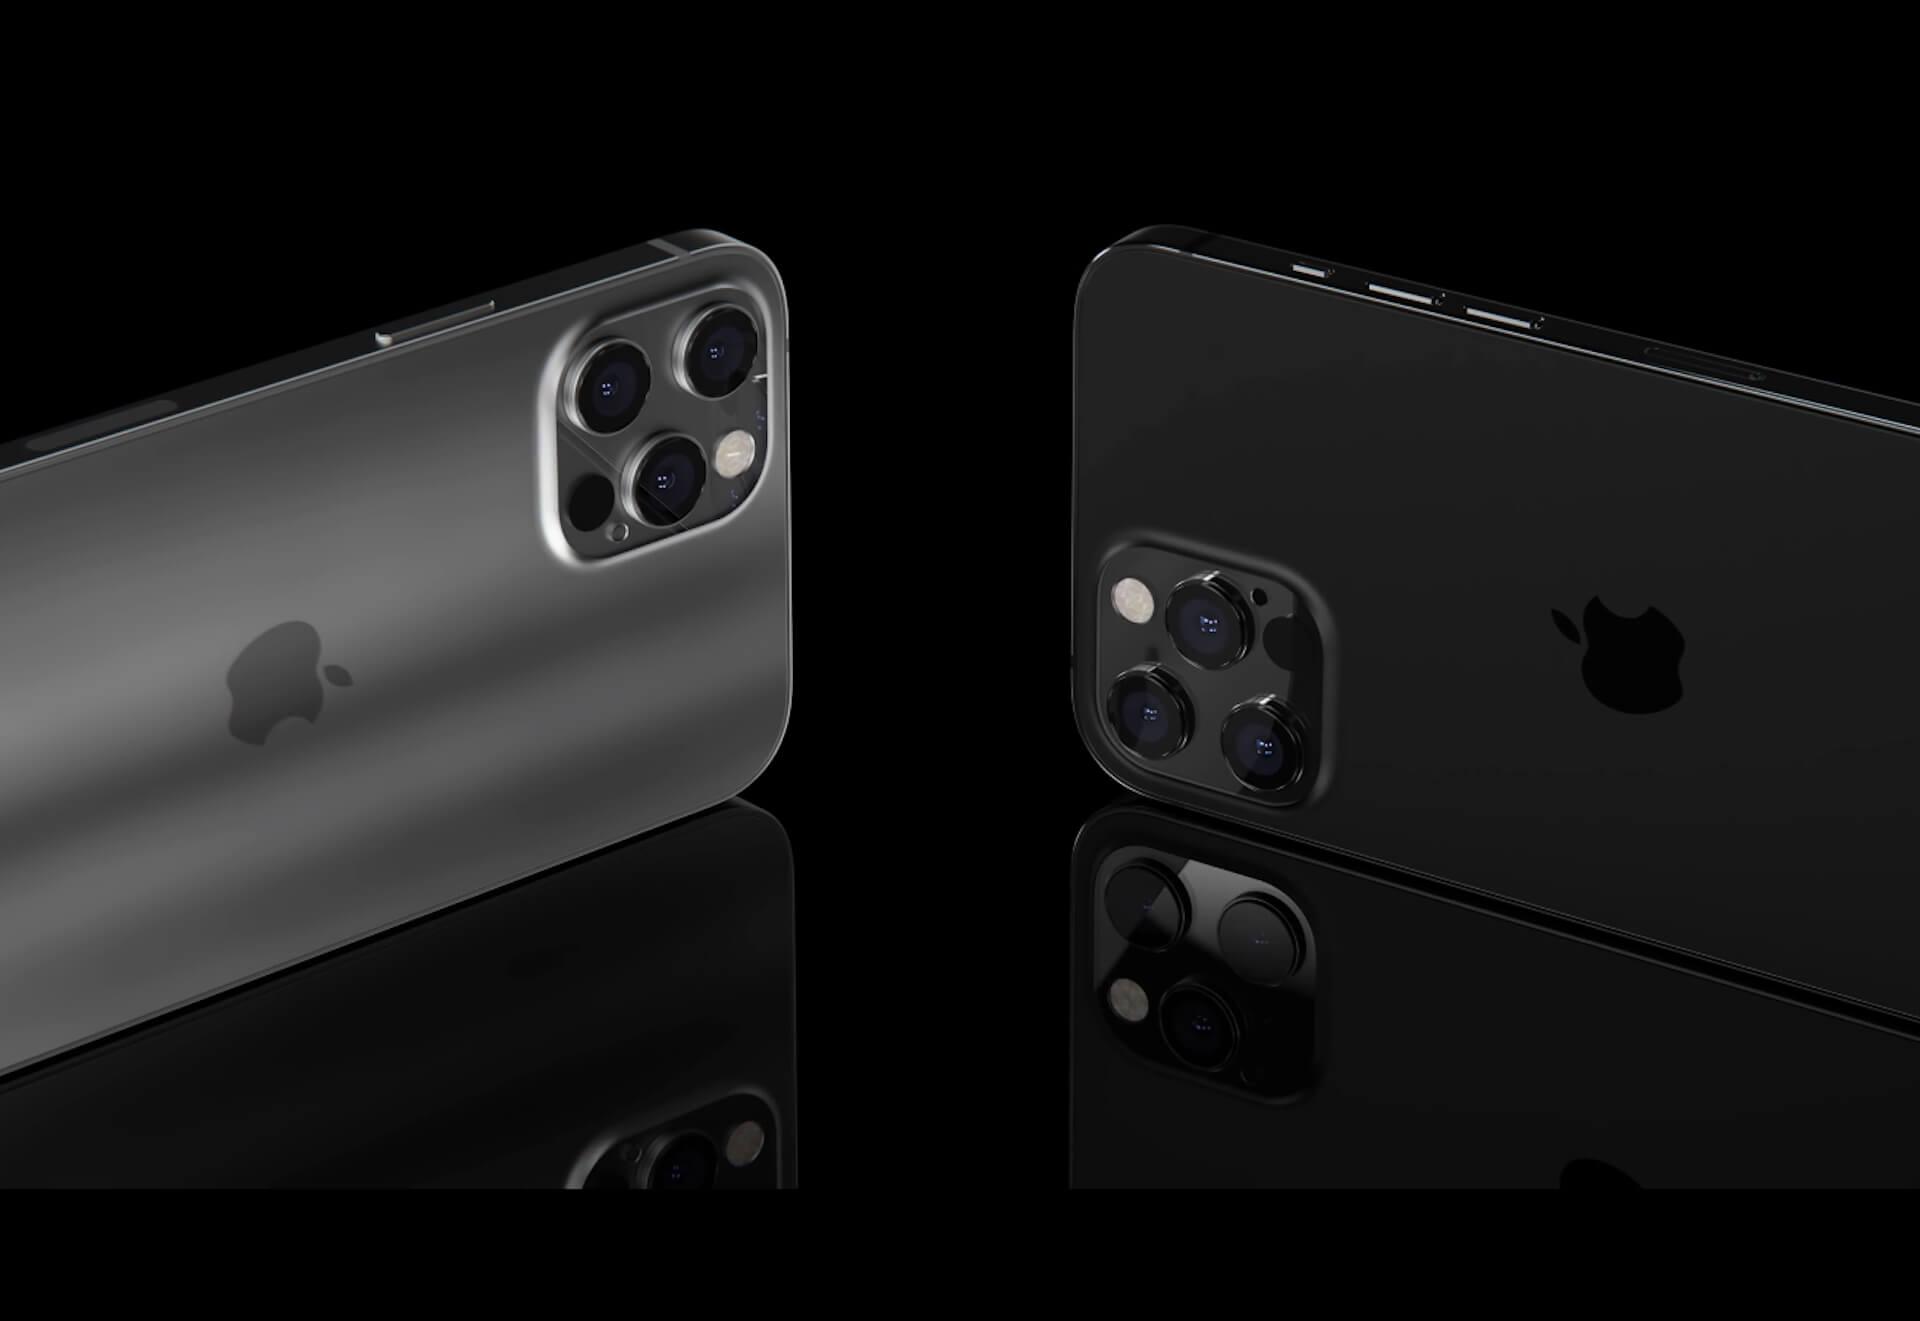 来週開催のApple製品発表イベントでiPhone 12の一部モデルが紹介される?新型Apple Watchの情報がメインに tech200910_iphone12_apple_main